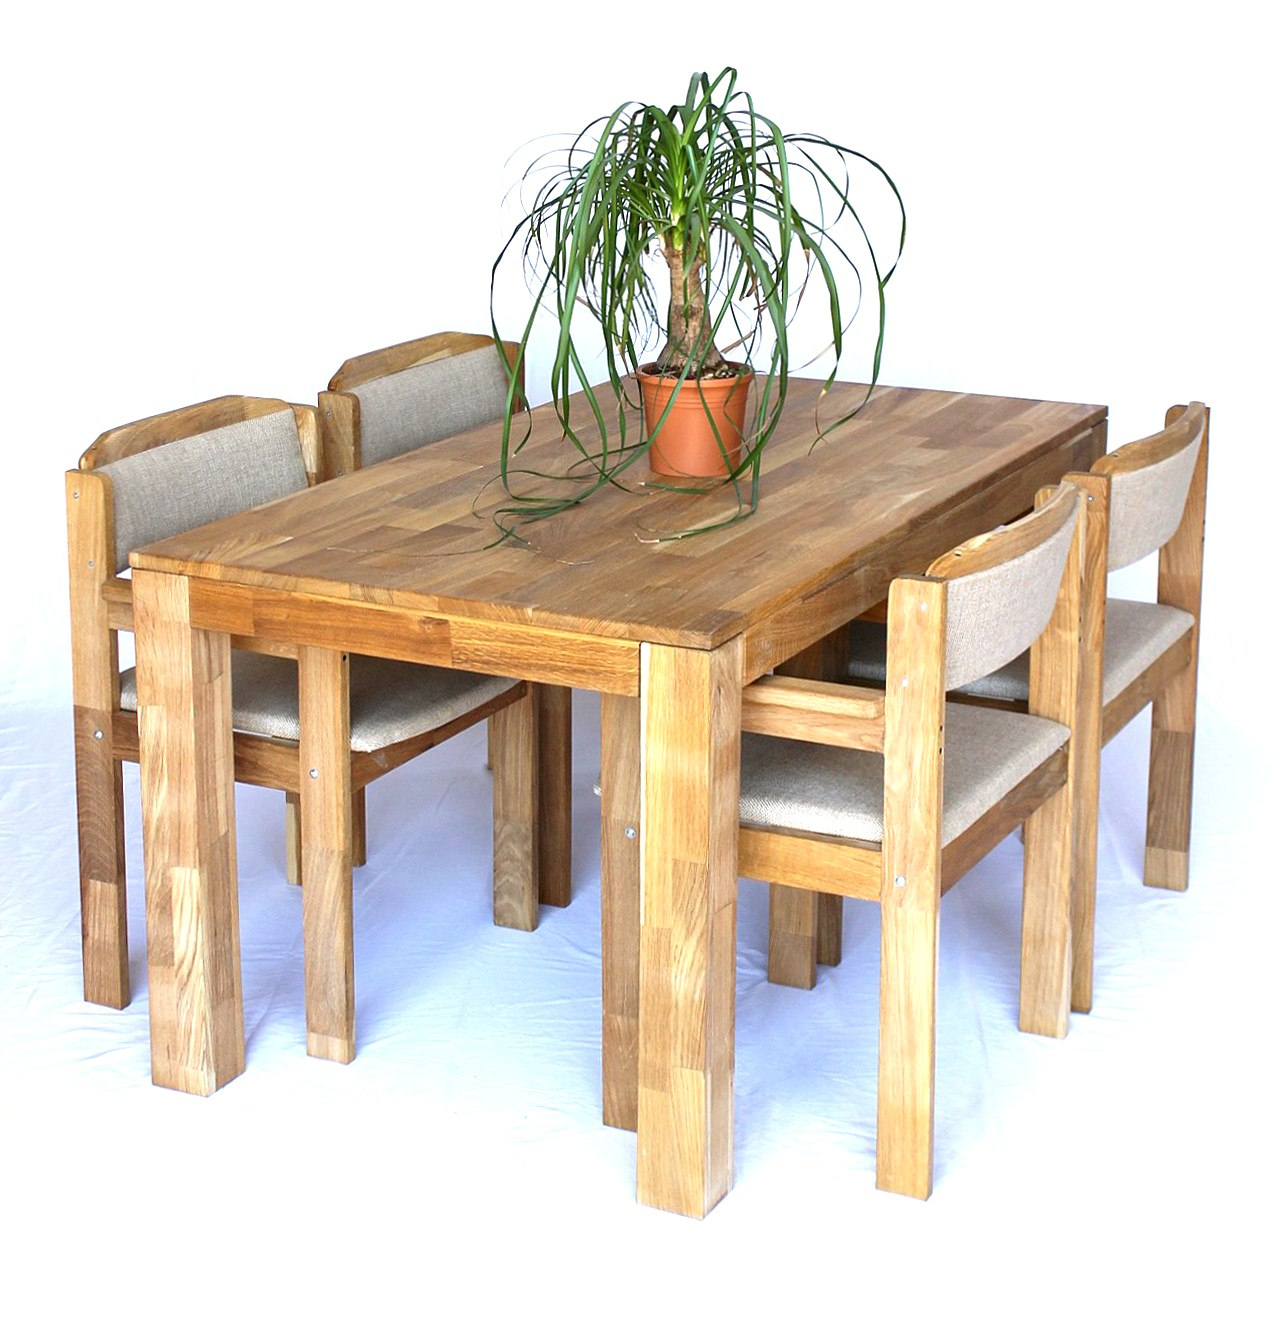 dandibo sitzgruppe esstisch 150 cm x 83 cm mit 4 st hlen. Black Bedroom Furniture Sets. Home Design Ideas